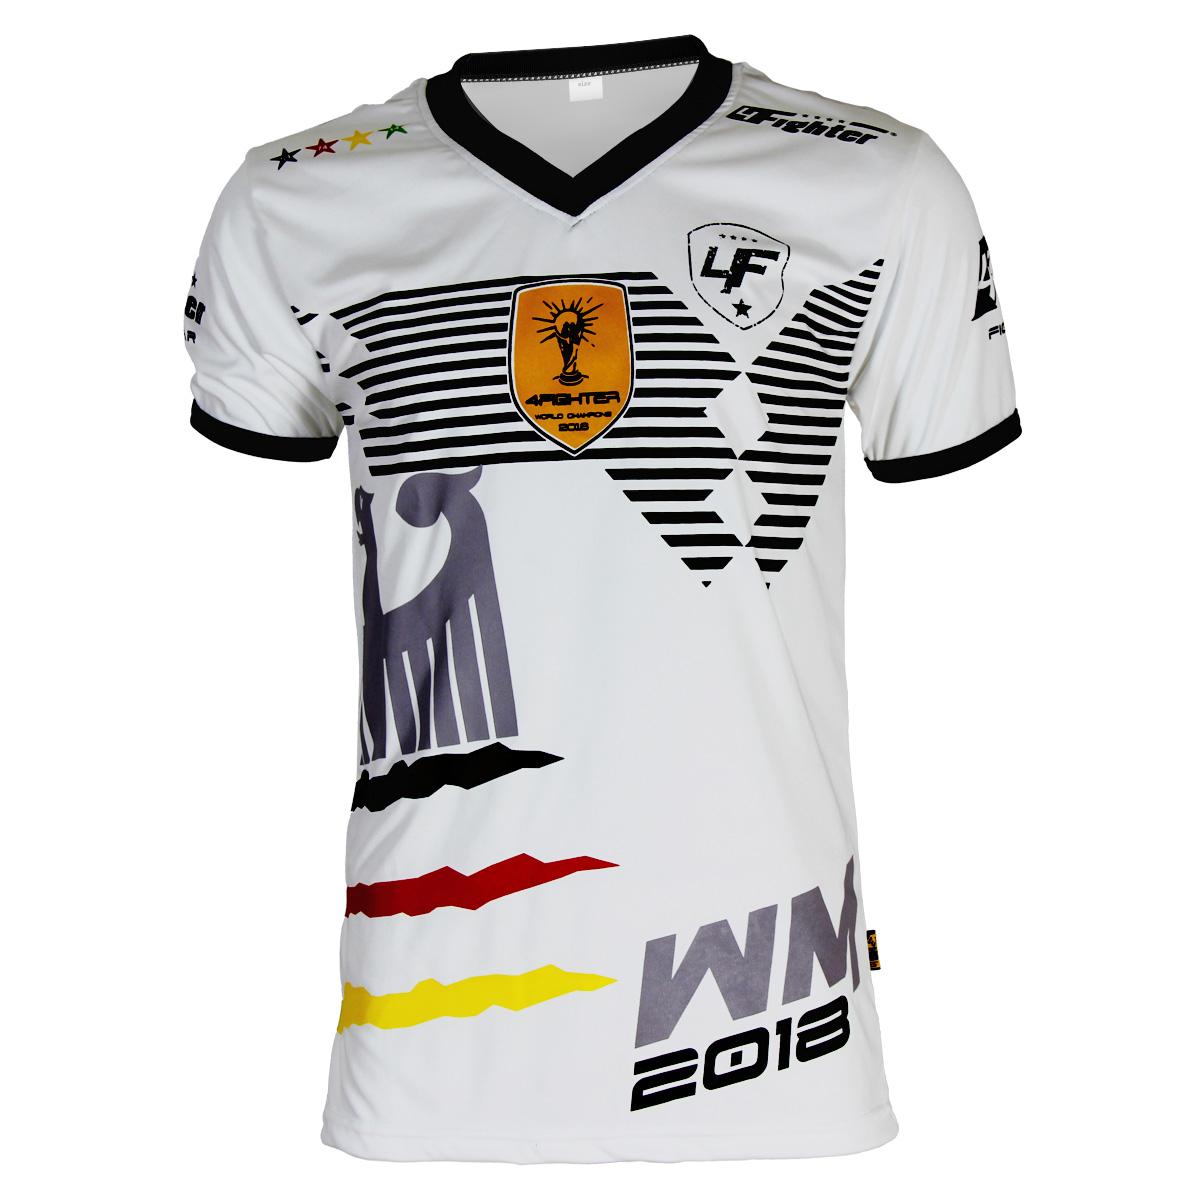 4Fighter Deutschland WM-Shirt 2018 weiß